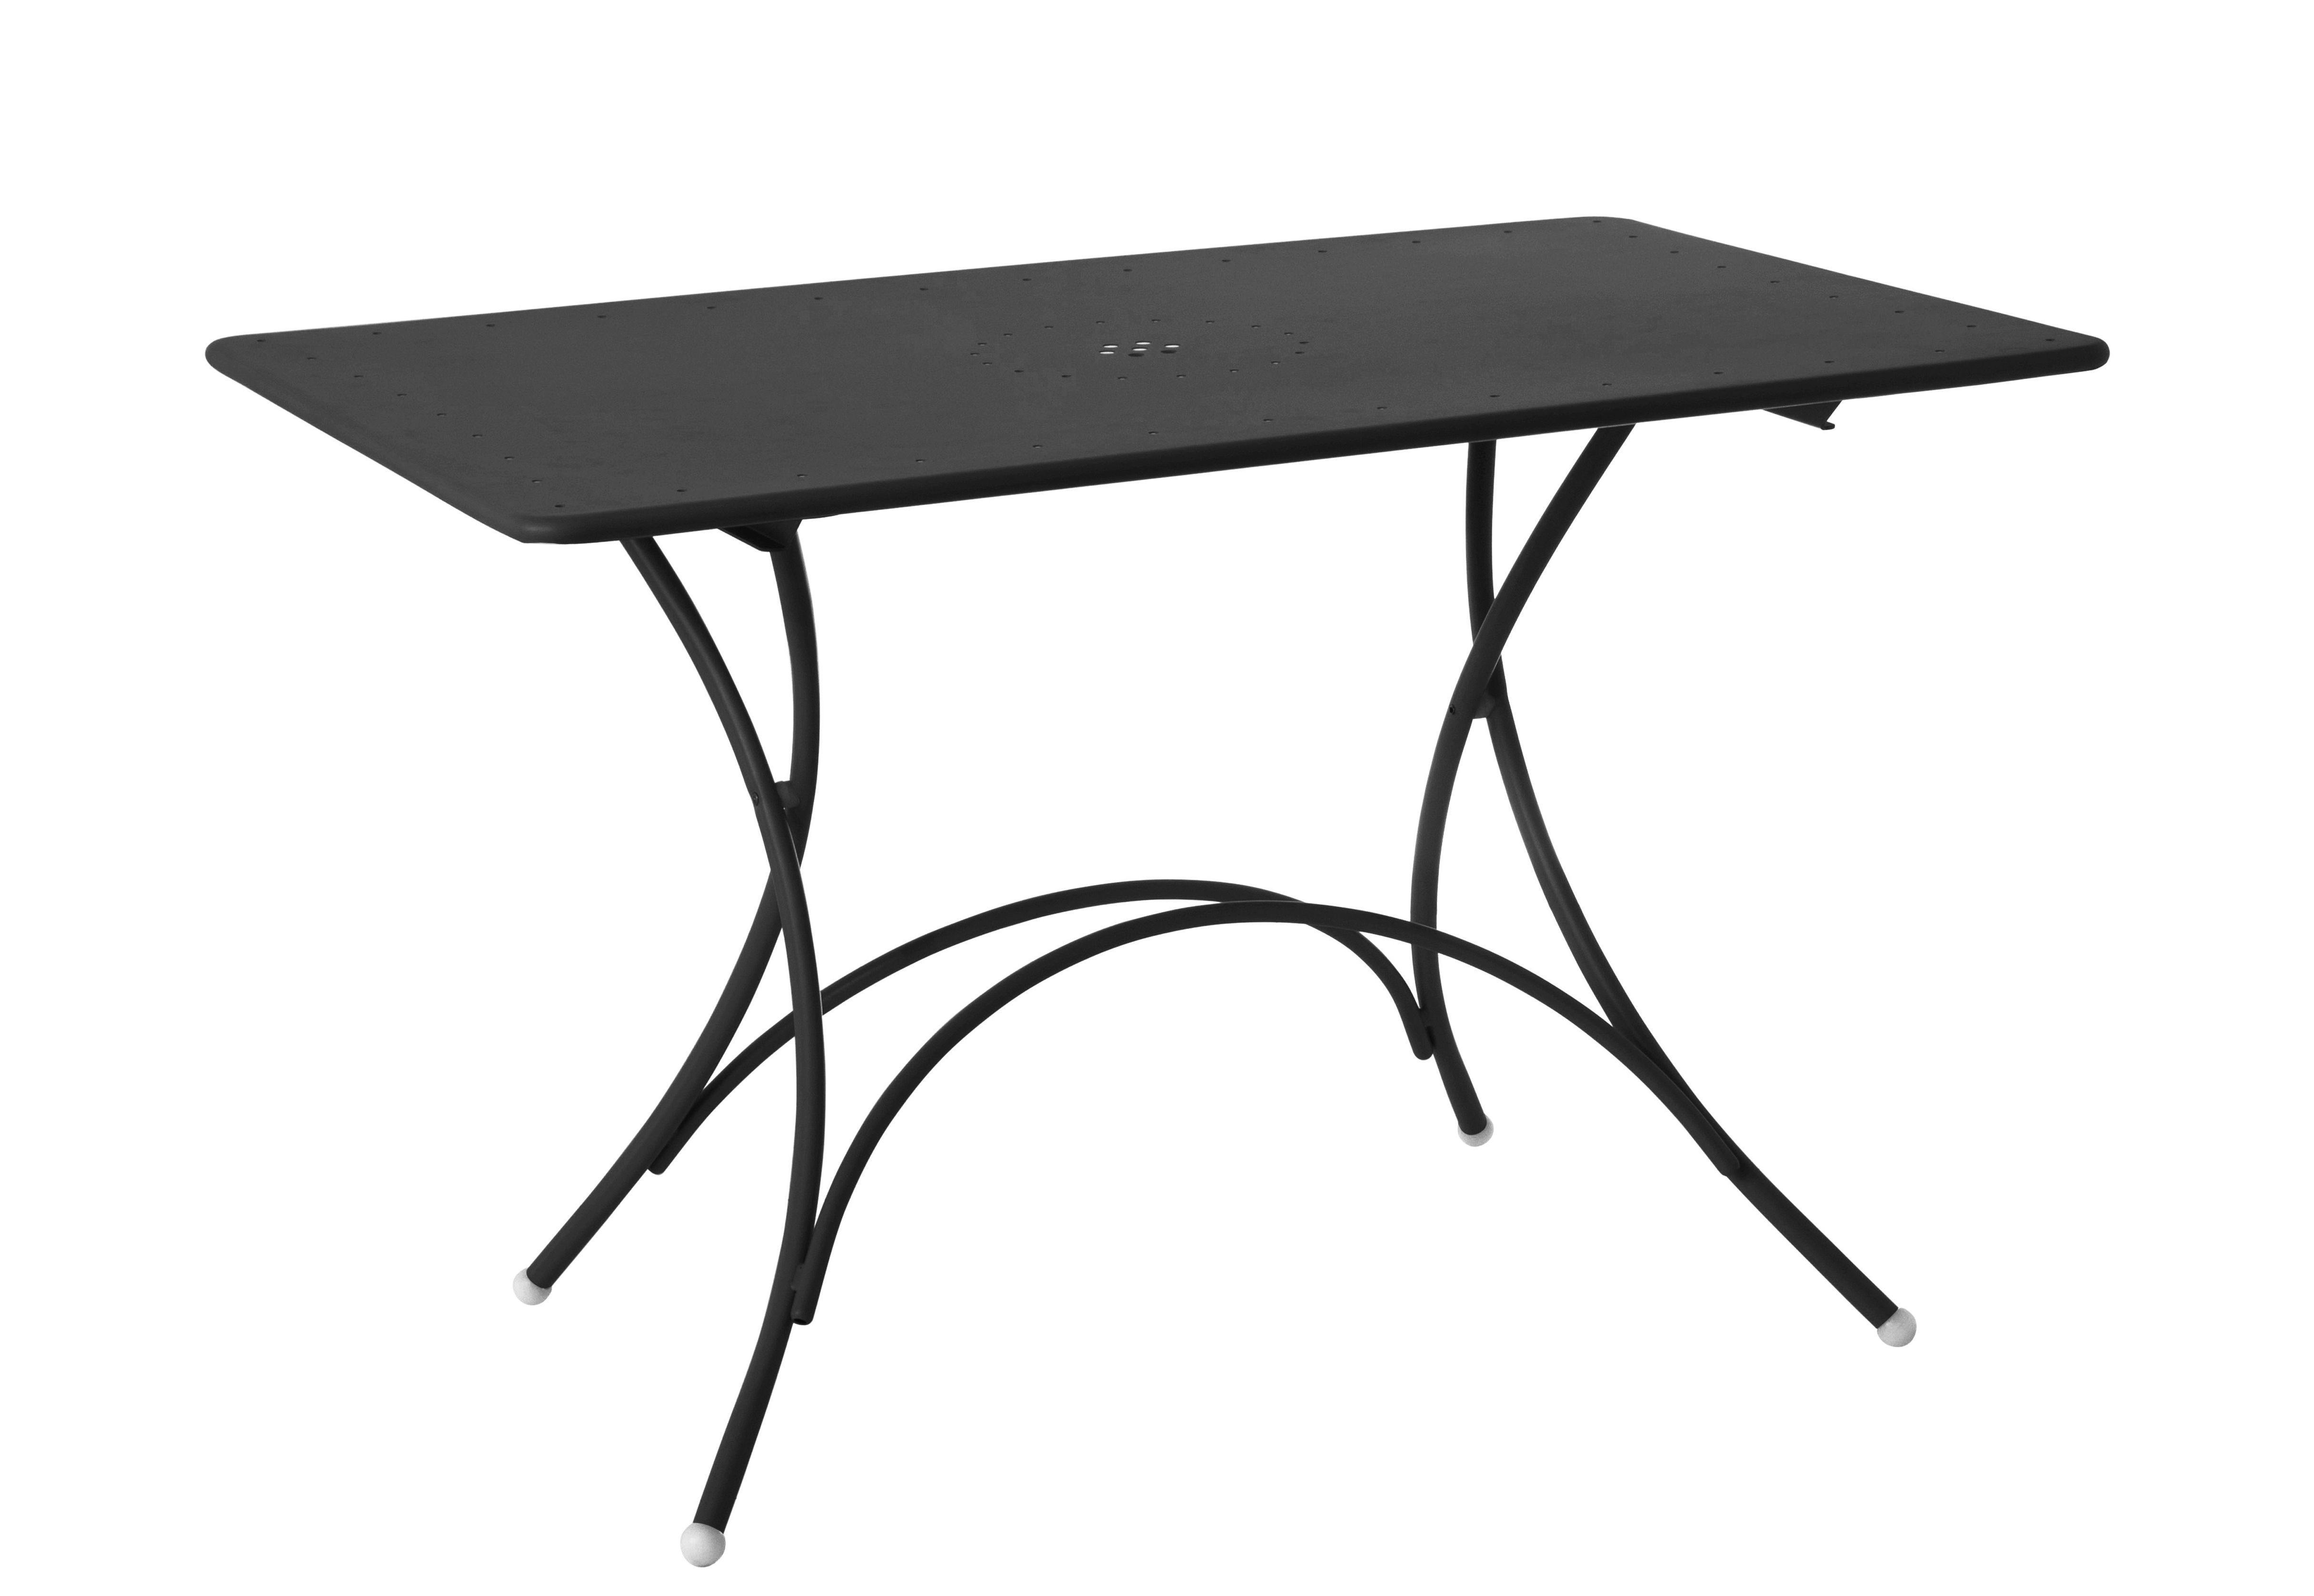 Outdoor - Tables de jardin - Table pliante Pigalle / Métal - 120 x 76 cm - Emu - Fer ancien - Acier verni